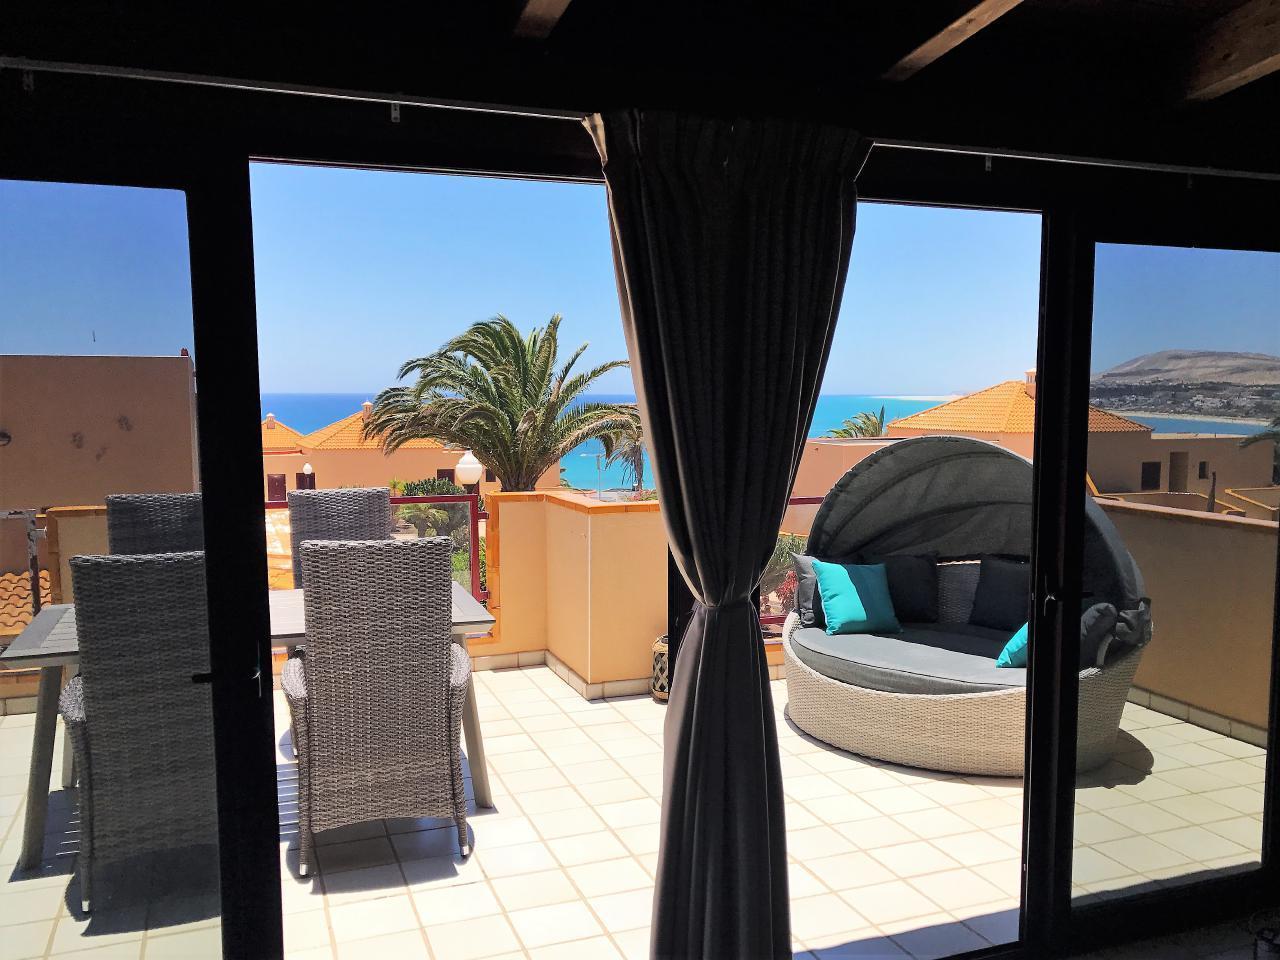 Ferienwohnung PANORAMA 2 - Ausblick auf den Ocean! FREE WiFi (2220200), Costa Calma, Fuerteventura, Kanarische Inseln, Spanien, Bild 11